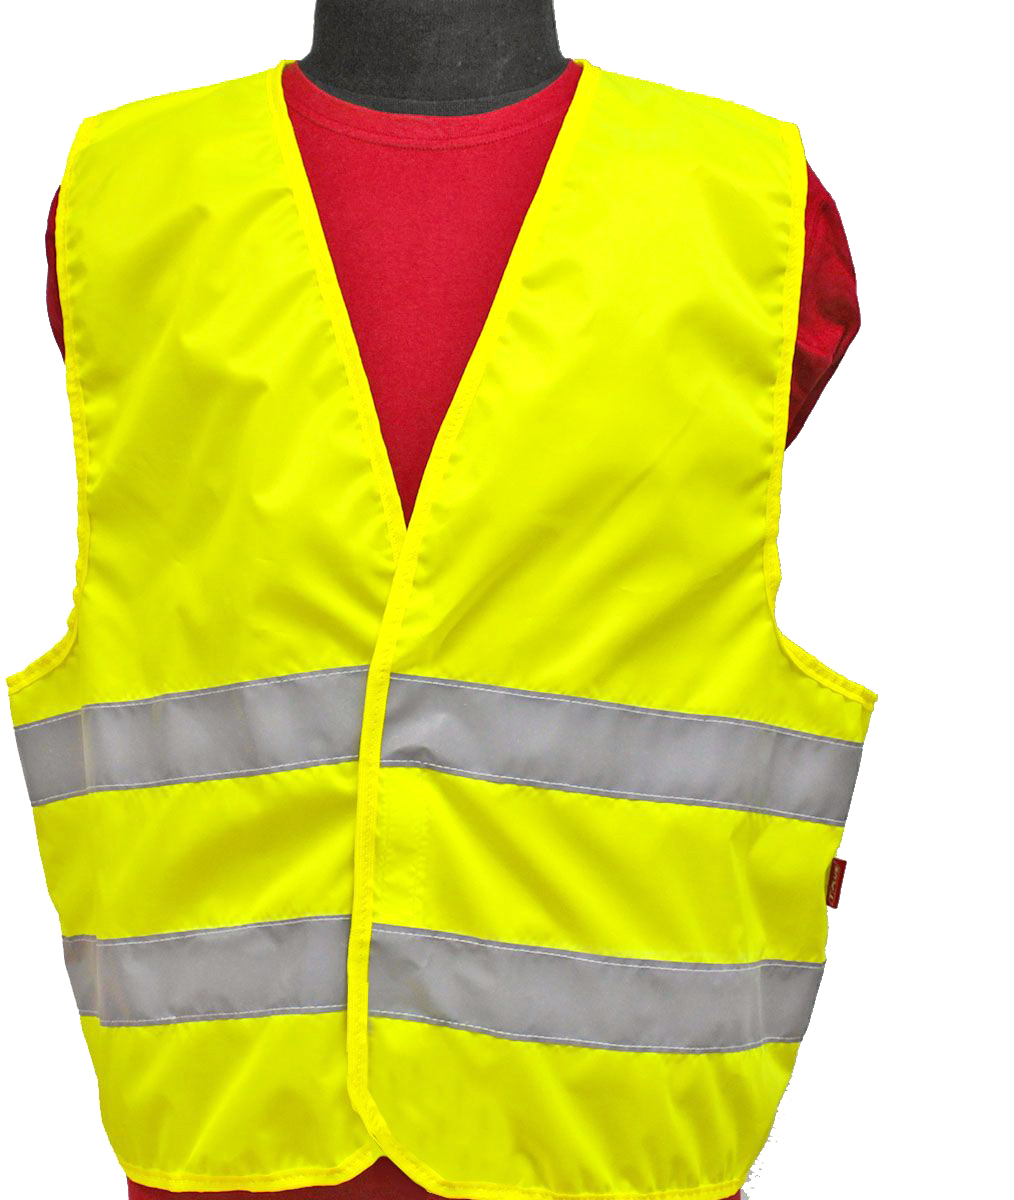 Жилет светоотражающий Tplus, класс защиты 2. Размер 56-58T010396Жилеты сигнальные (светоотражающие) способствуют повышению безопасности сотрудника на производстве и снижению риска травматизма на дорогах посредством визуального обозначения человека днем и обеспечения его видимости в темноте.Размер: 56-58 Материал: оксфорд 210 Сигнал 150 гр\м2 Цвет: лимон Ширина световозвращающей ленты: 50 мм Тип фиксации: двухсторонняя липучка Соответсвует ГОСТ 12.4.281-2014 Класс защиты: 2 (повышенной видимости)